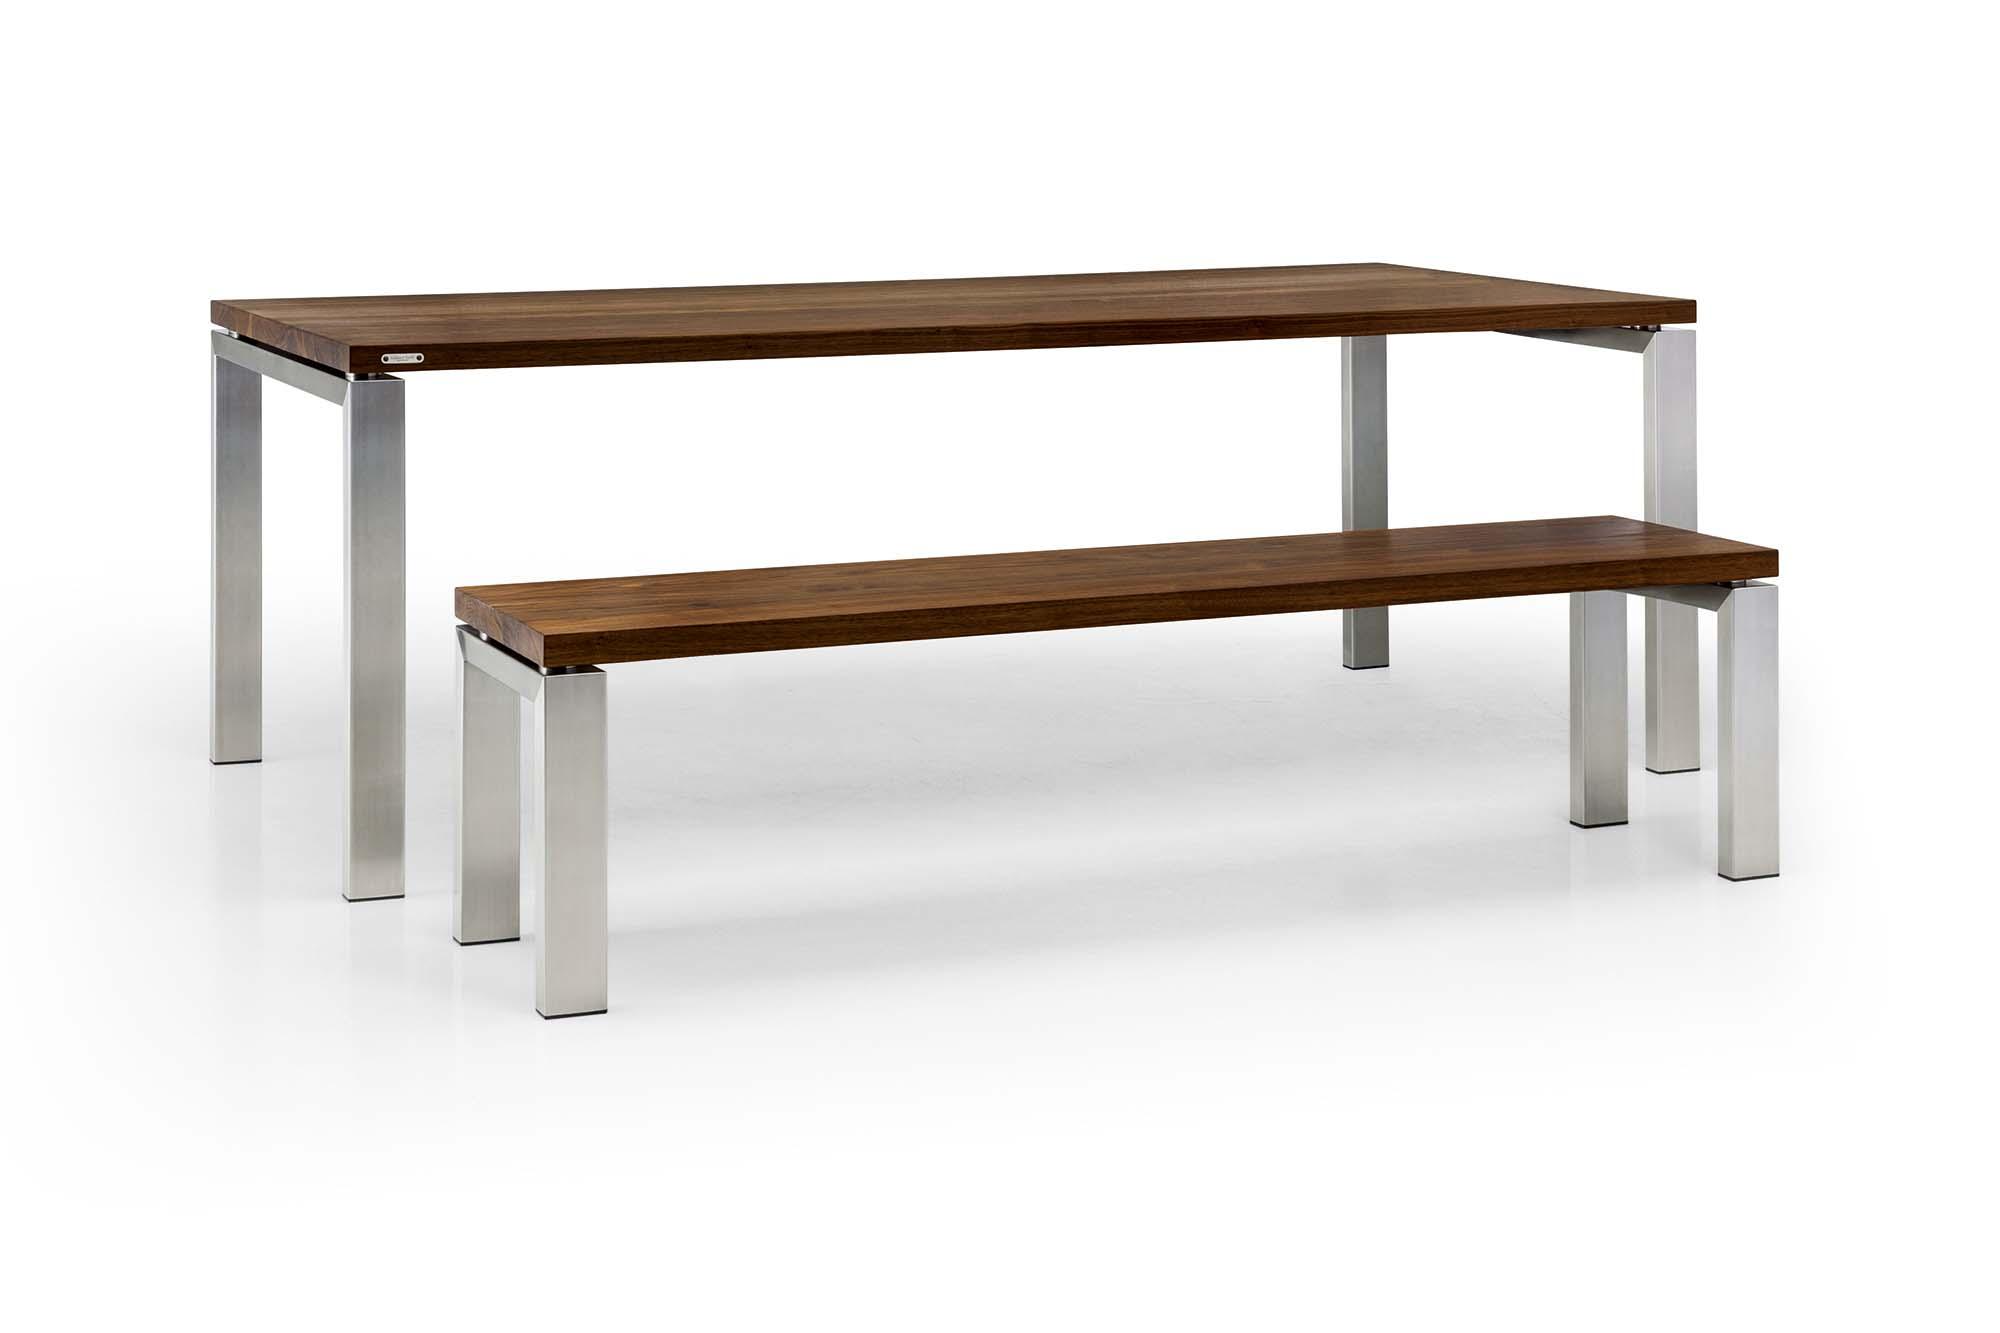 sofabank fr esstisch latest esstisch berraschend sofa. Black Bedroom Furniture Sets. Home Design Ideas